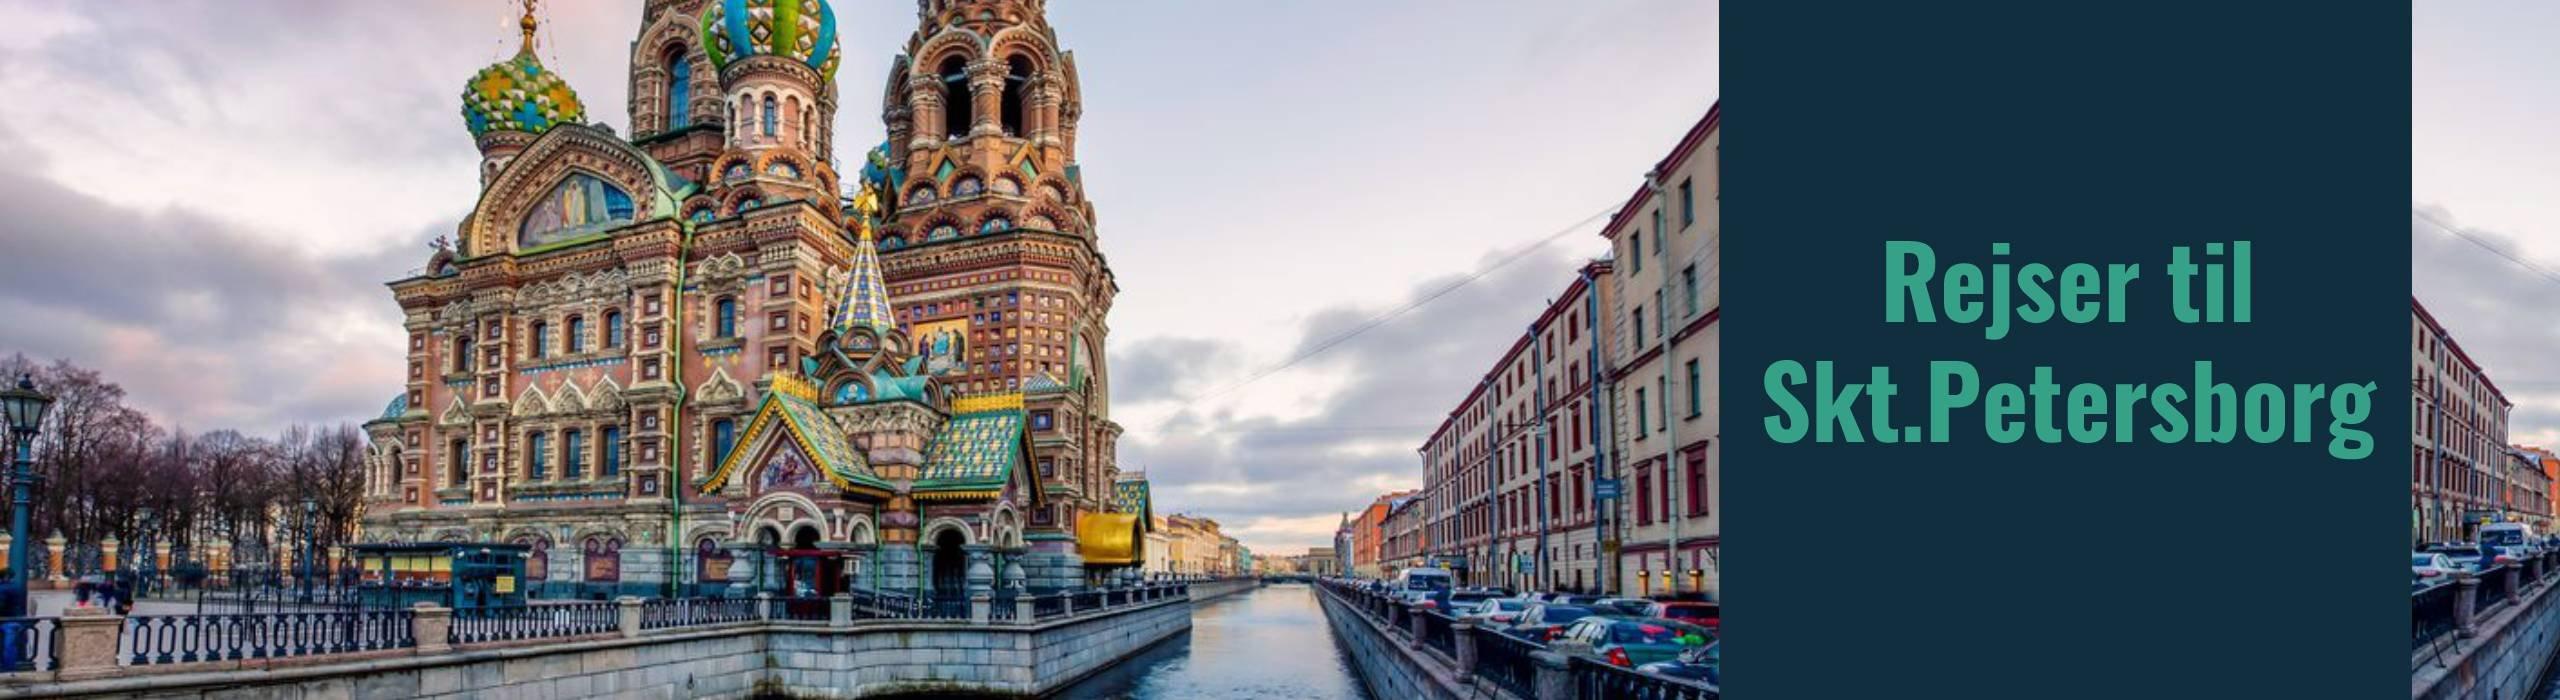 Rejser til Skt Petersborg